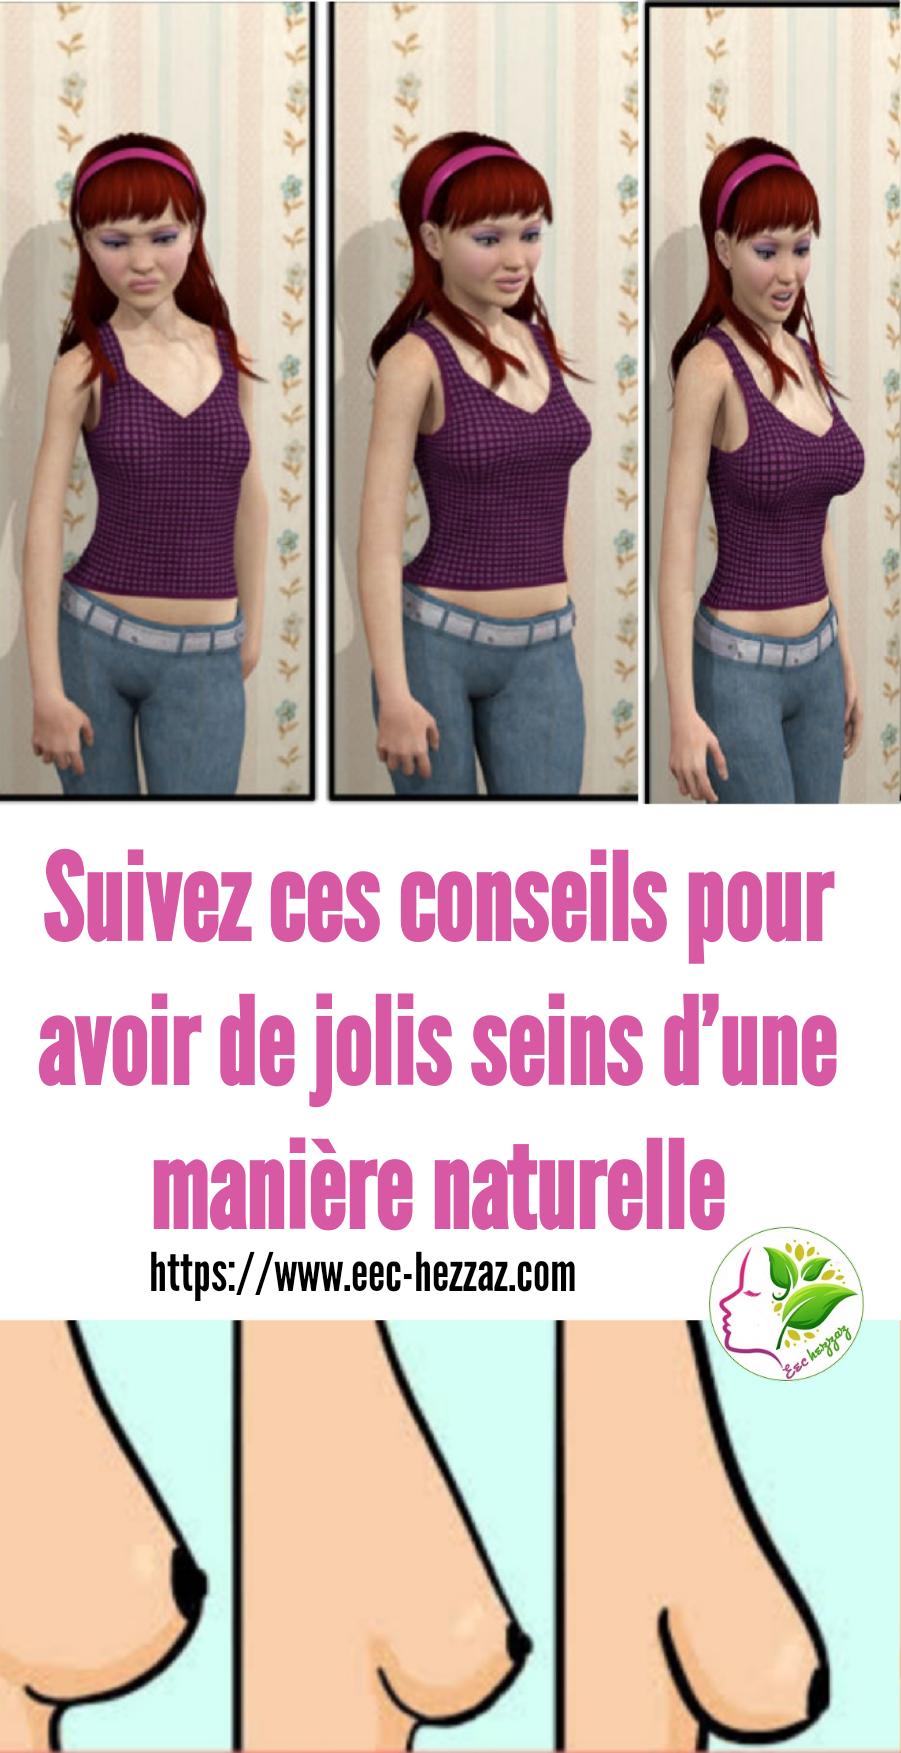 Suivez ces conseils pour avoir de jolis seins d'une manière naturelle